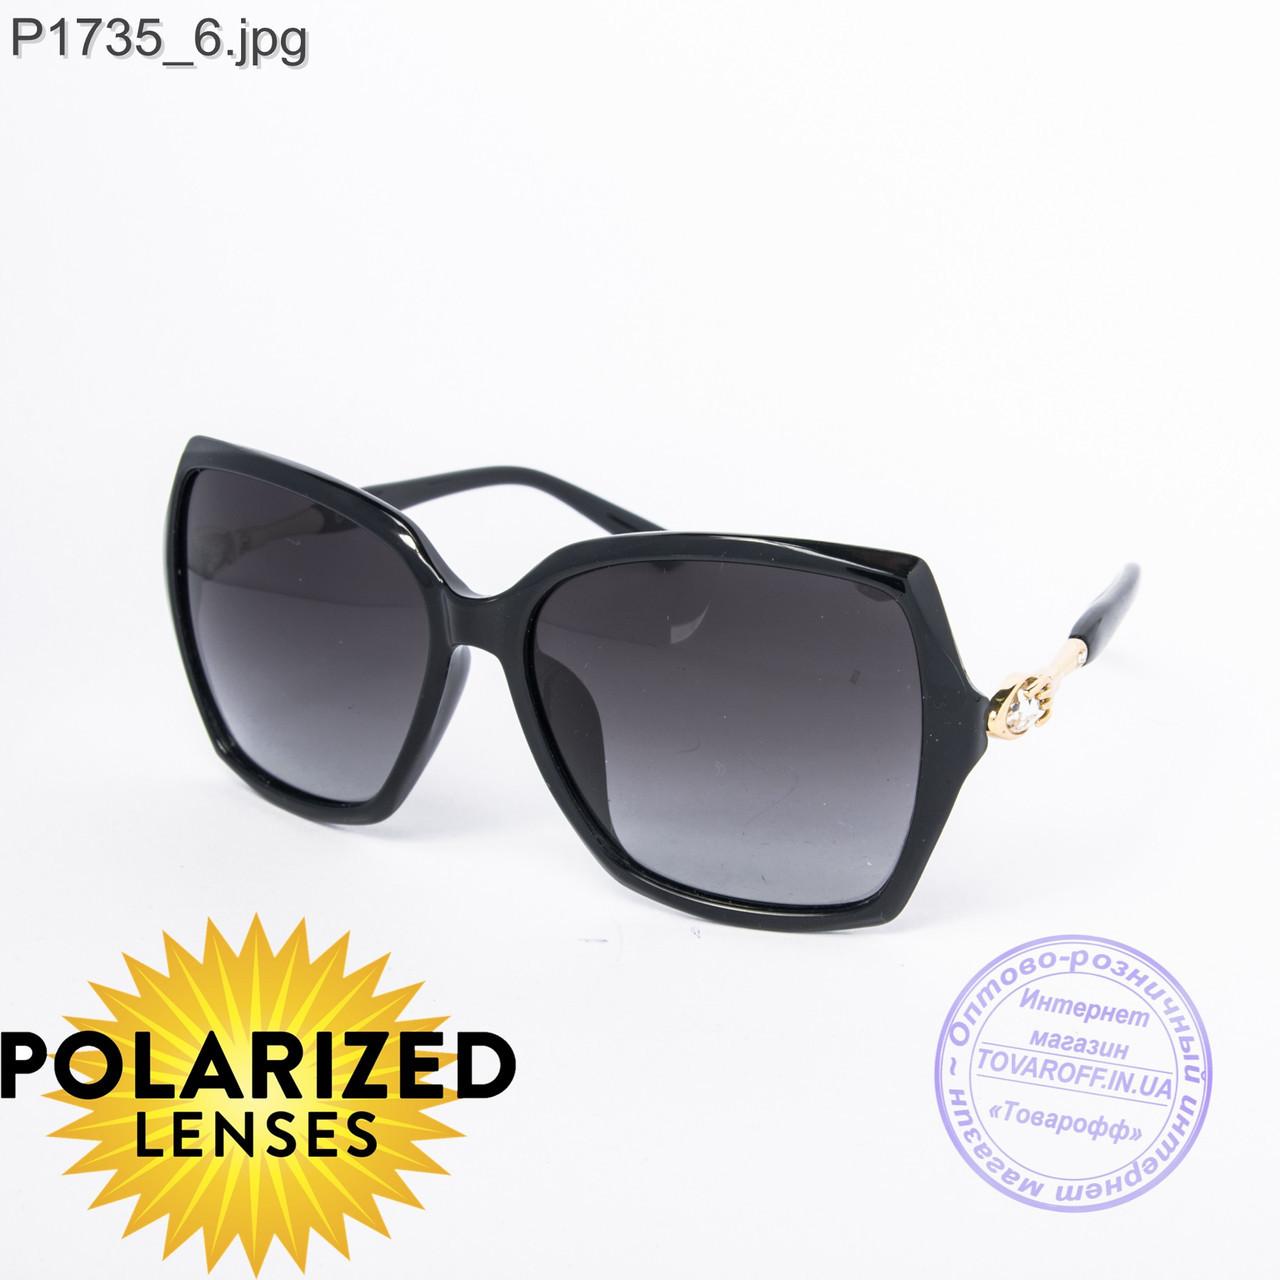 Оптом поляризационные женские солнцезащитные очки Оптом черные - P1735 -  Интернет магазин Товарофф в Хмельницком b2f1461c5ae32